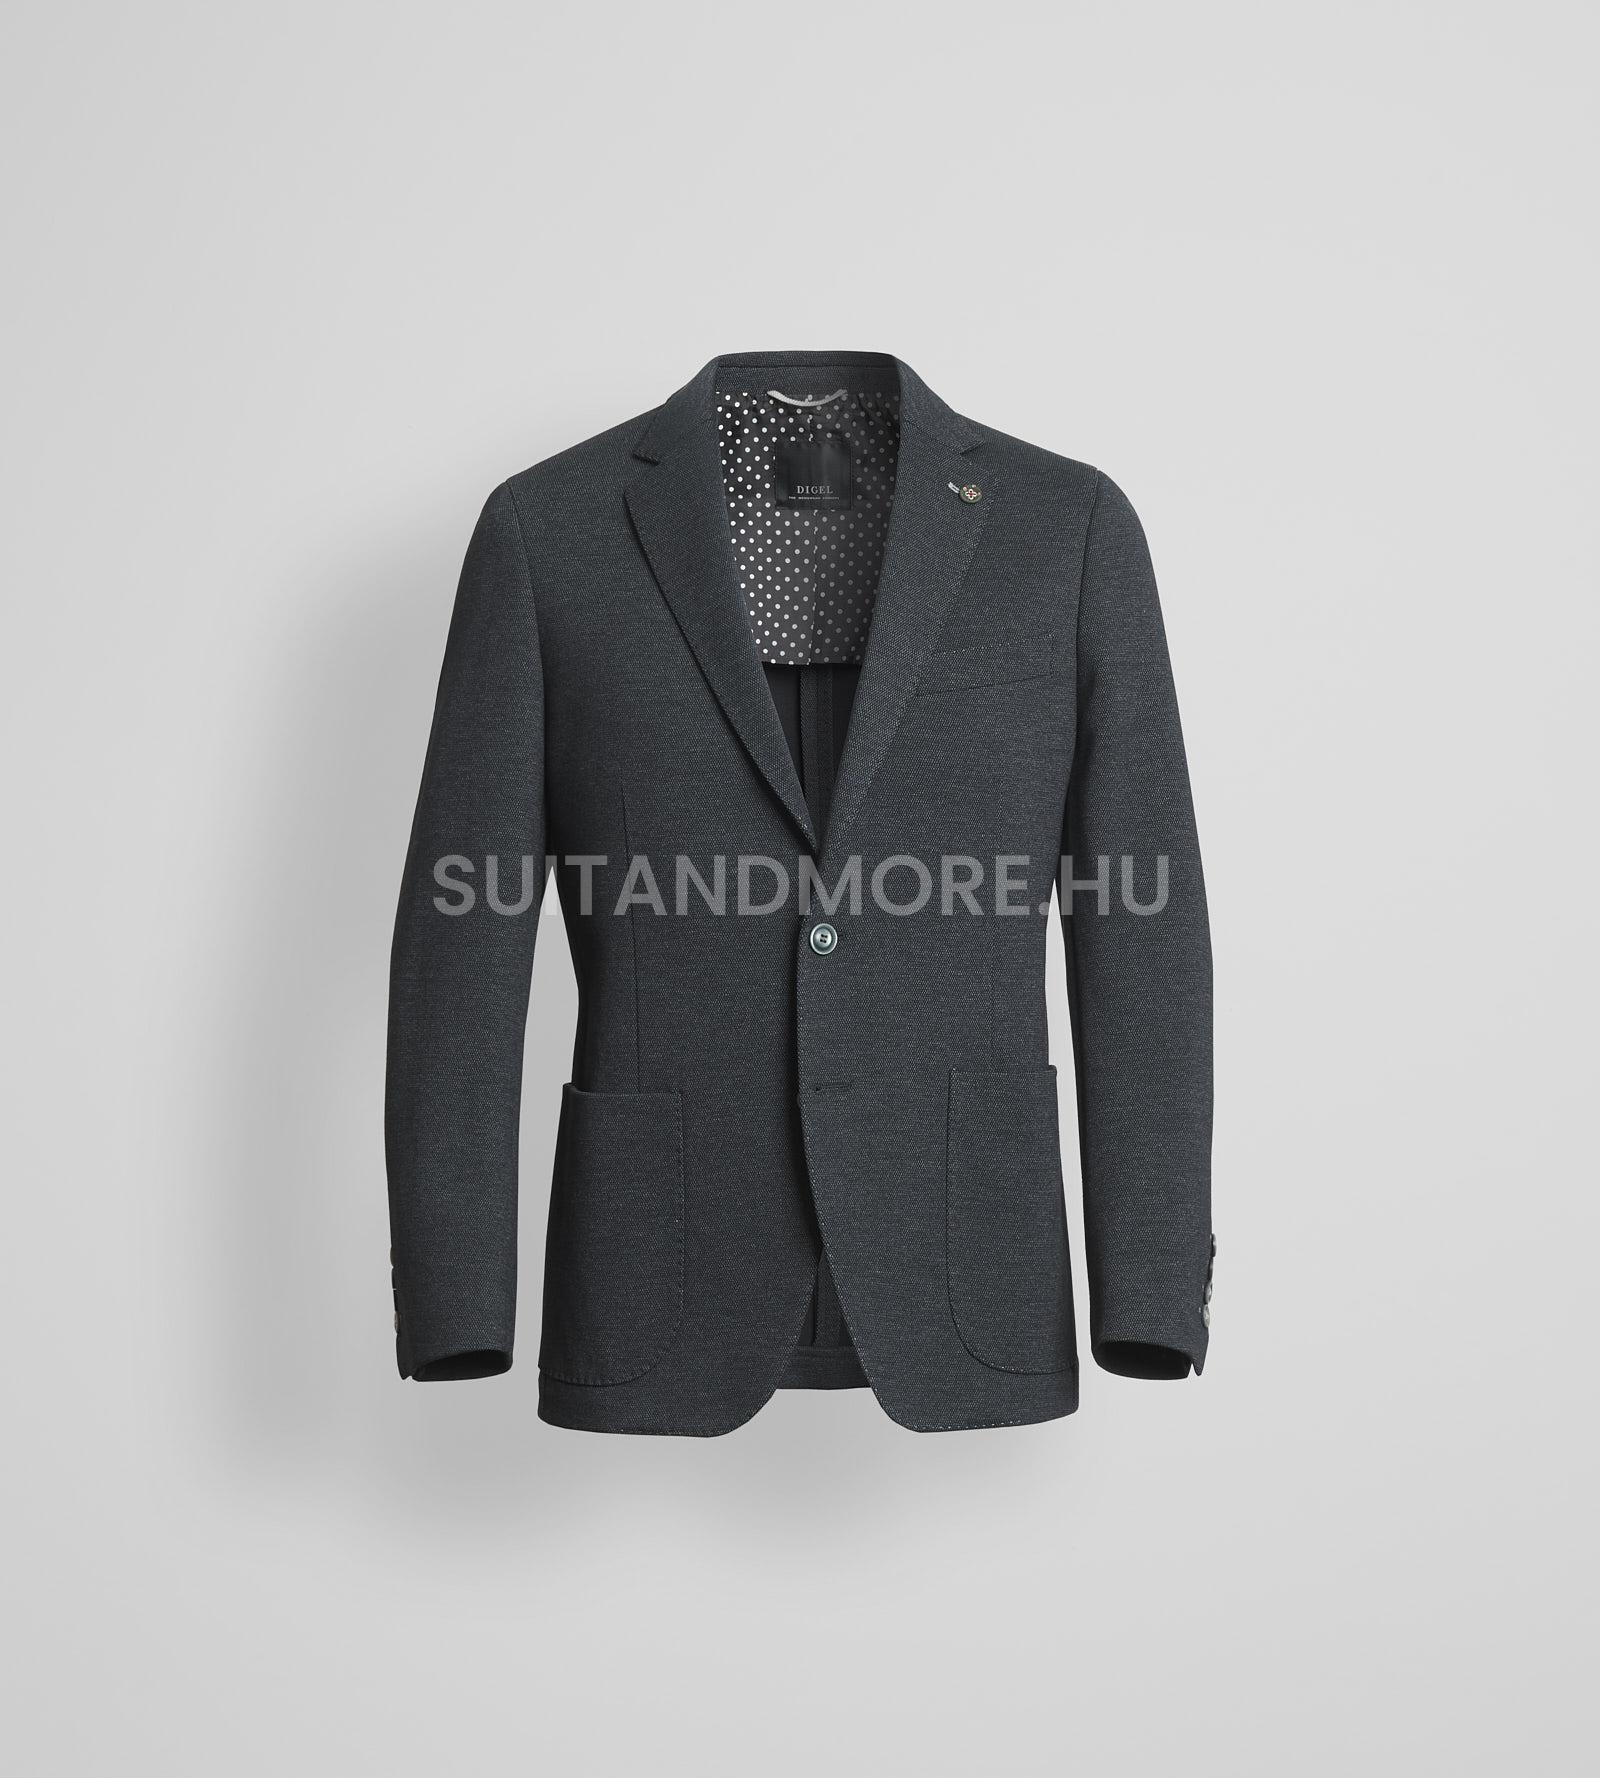 digel-sotetszurke-modern-fit-jersey-zako-edward-f-st-1262382-40